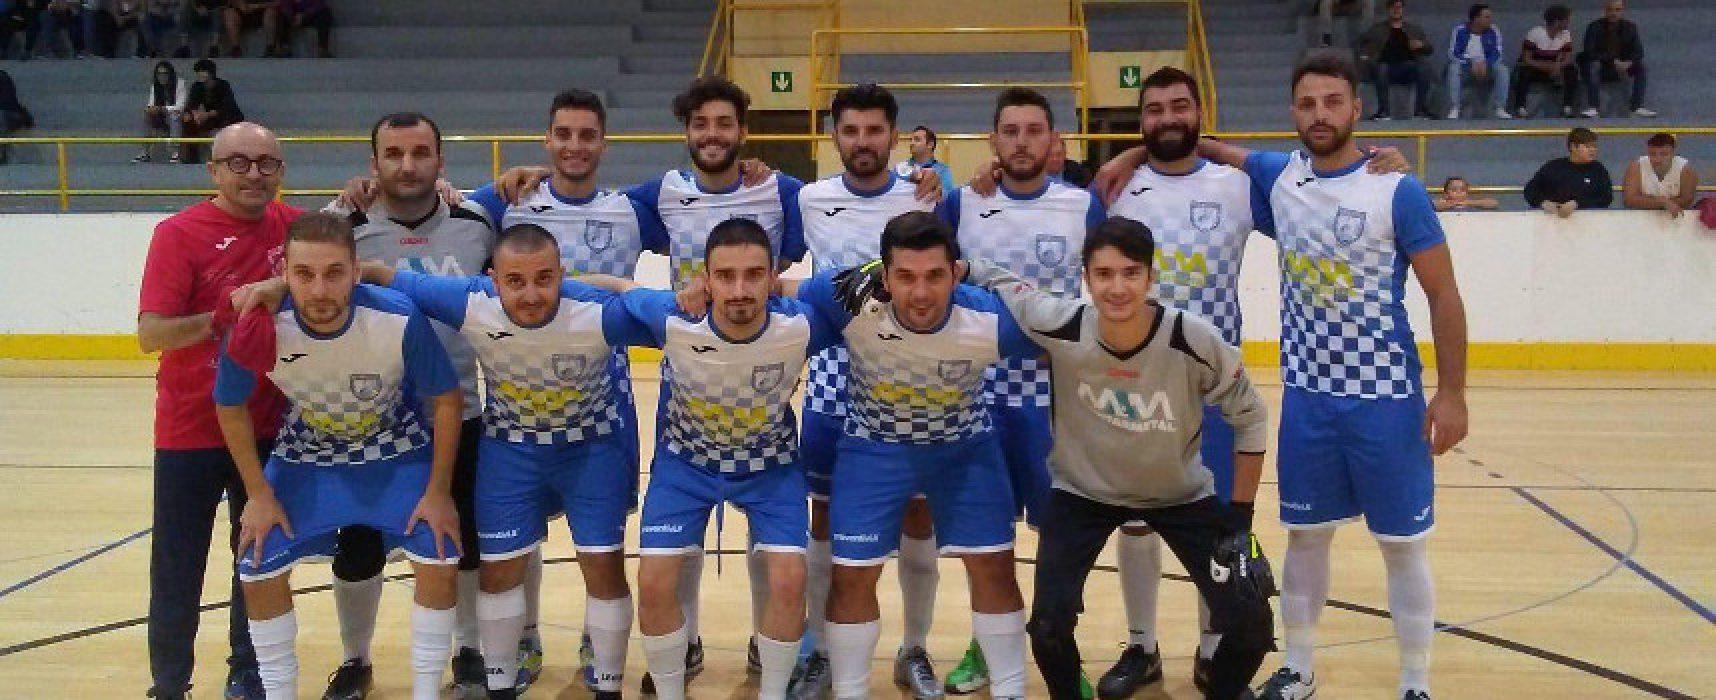 Coppa Italia serie C2: impegni in trasferta per Futbol Cinco e Nettuno